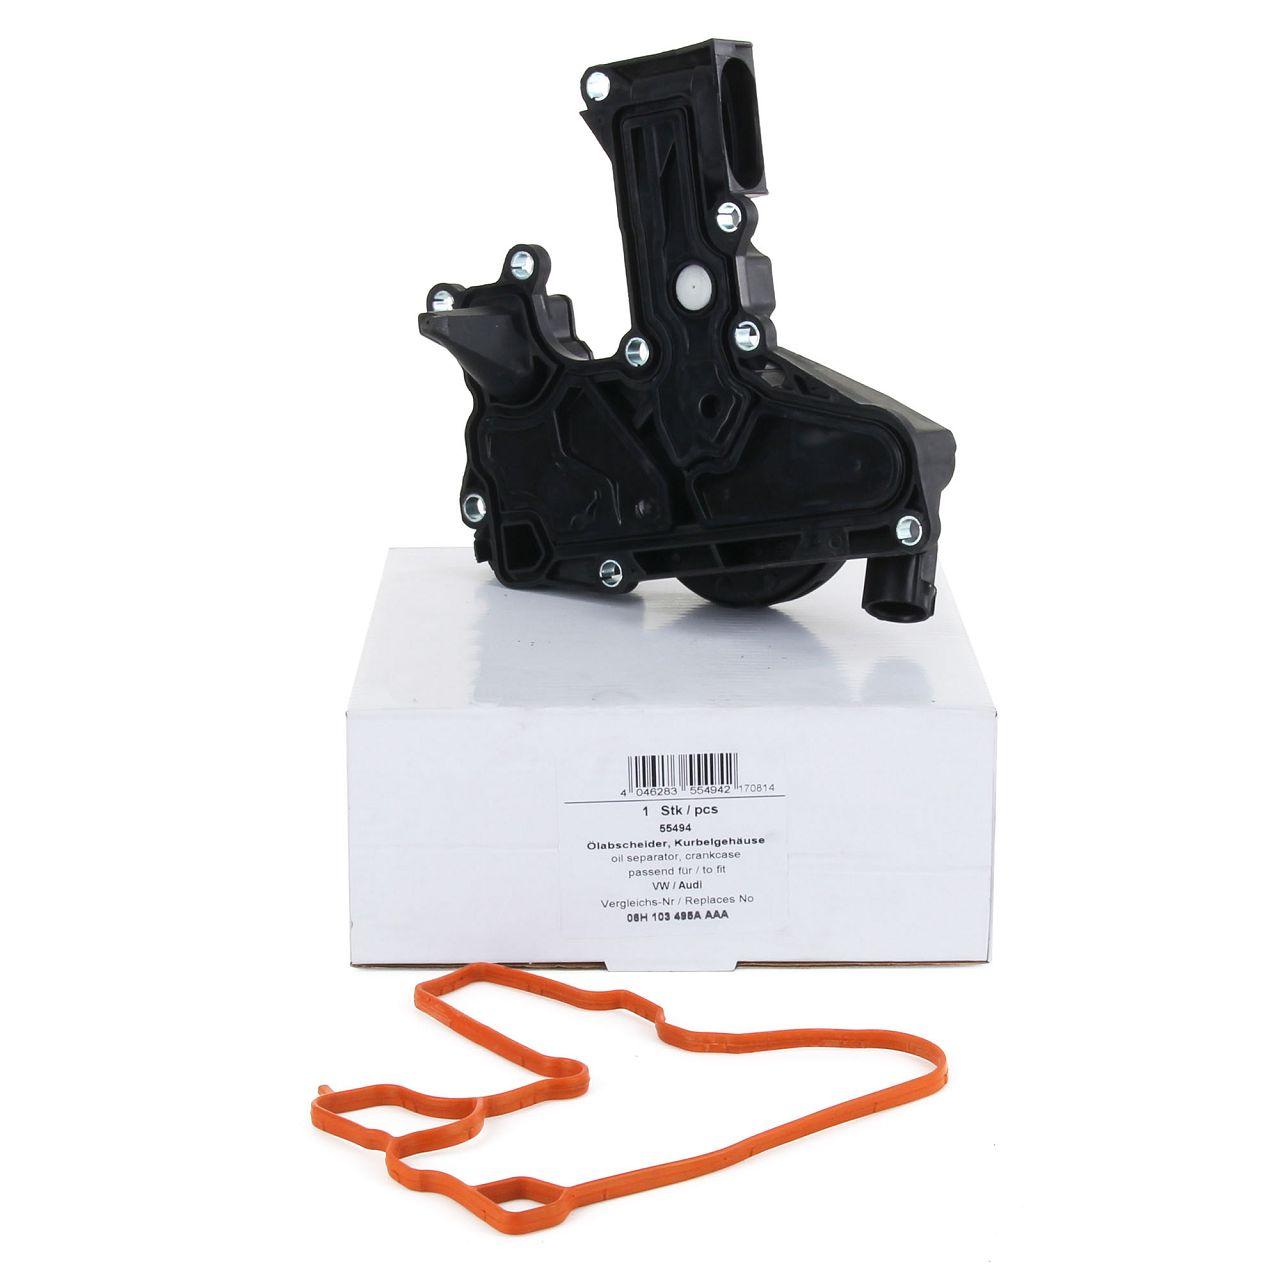 AIC Ölabscheider Kurbelgehäuseentlüftung AUDI SEAT SKODA VW 1.8 / 2.0 TFSI